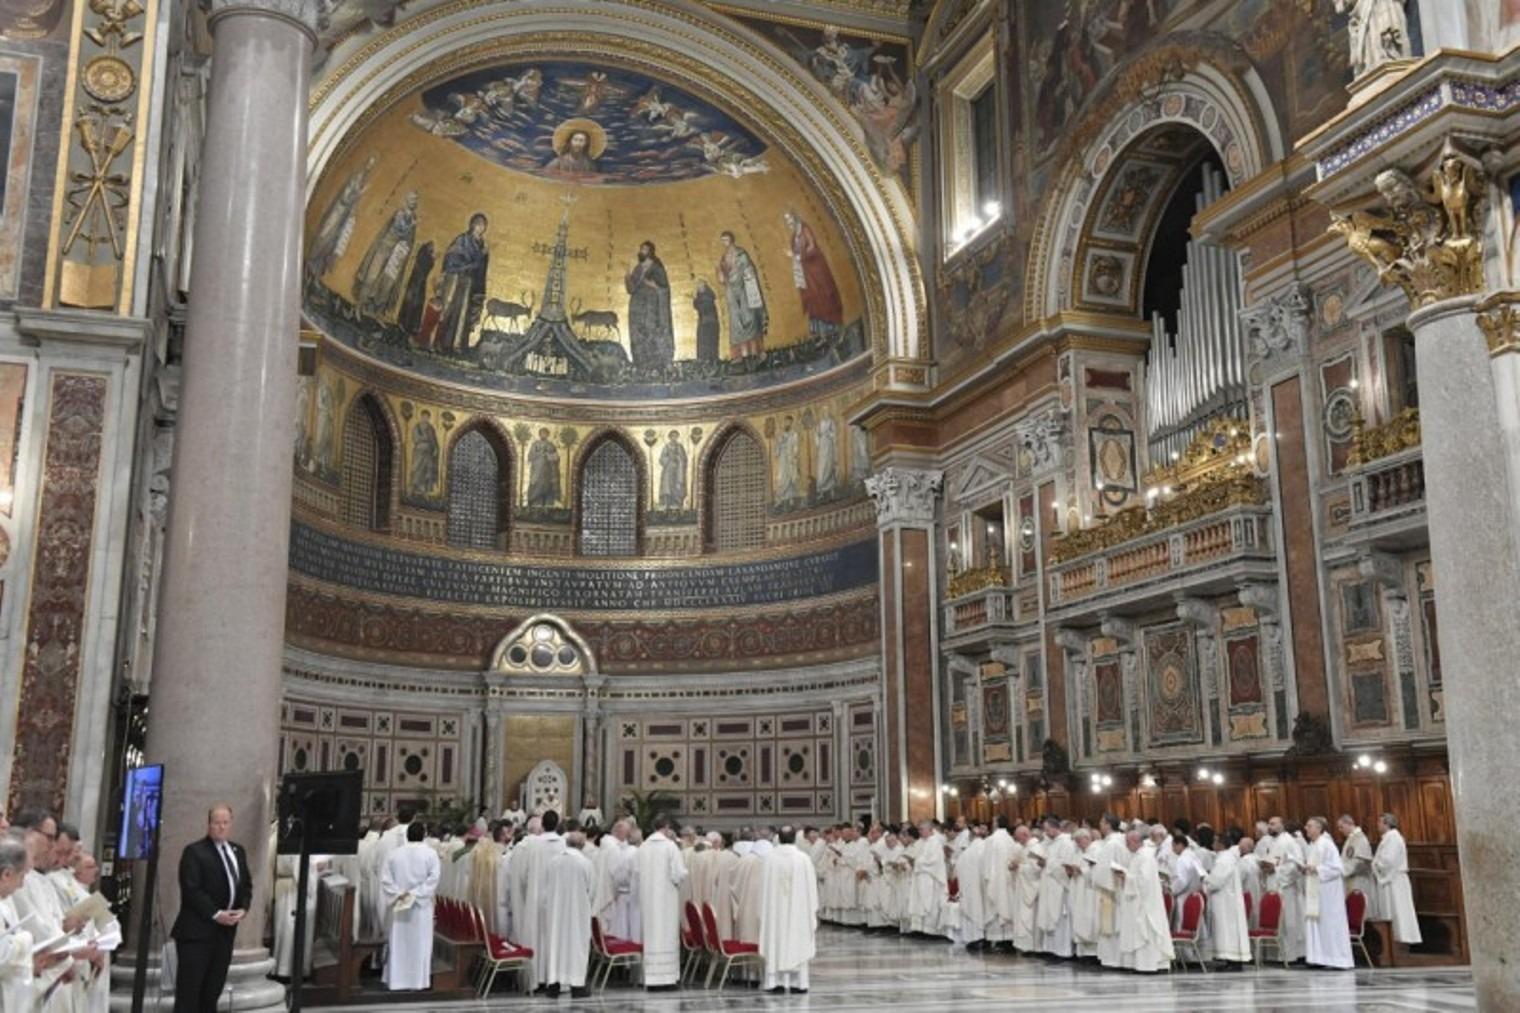 Santa Messa per la festa della Dedicazione della Basilica di San Giovanni in Laterano (09/11/2019) - Foto Copyright Vatican Media